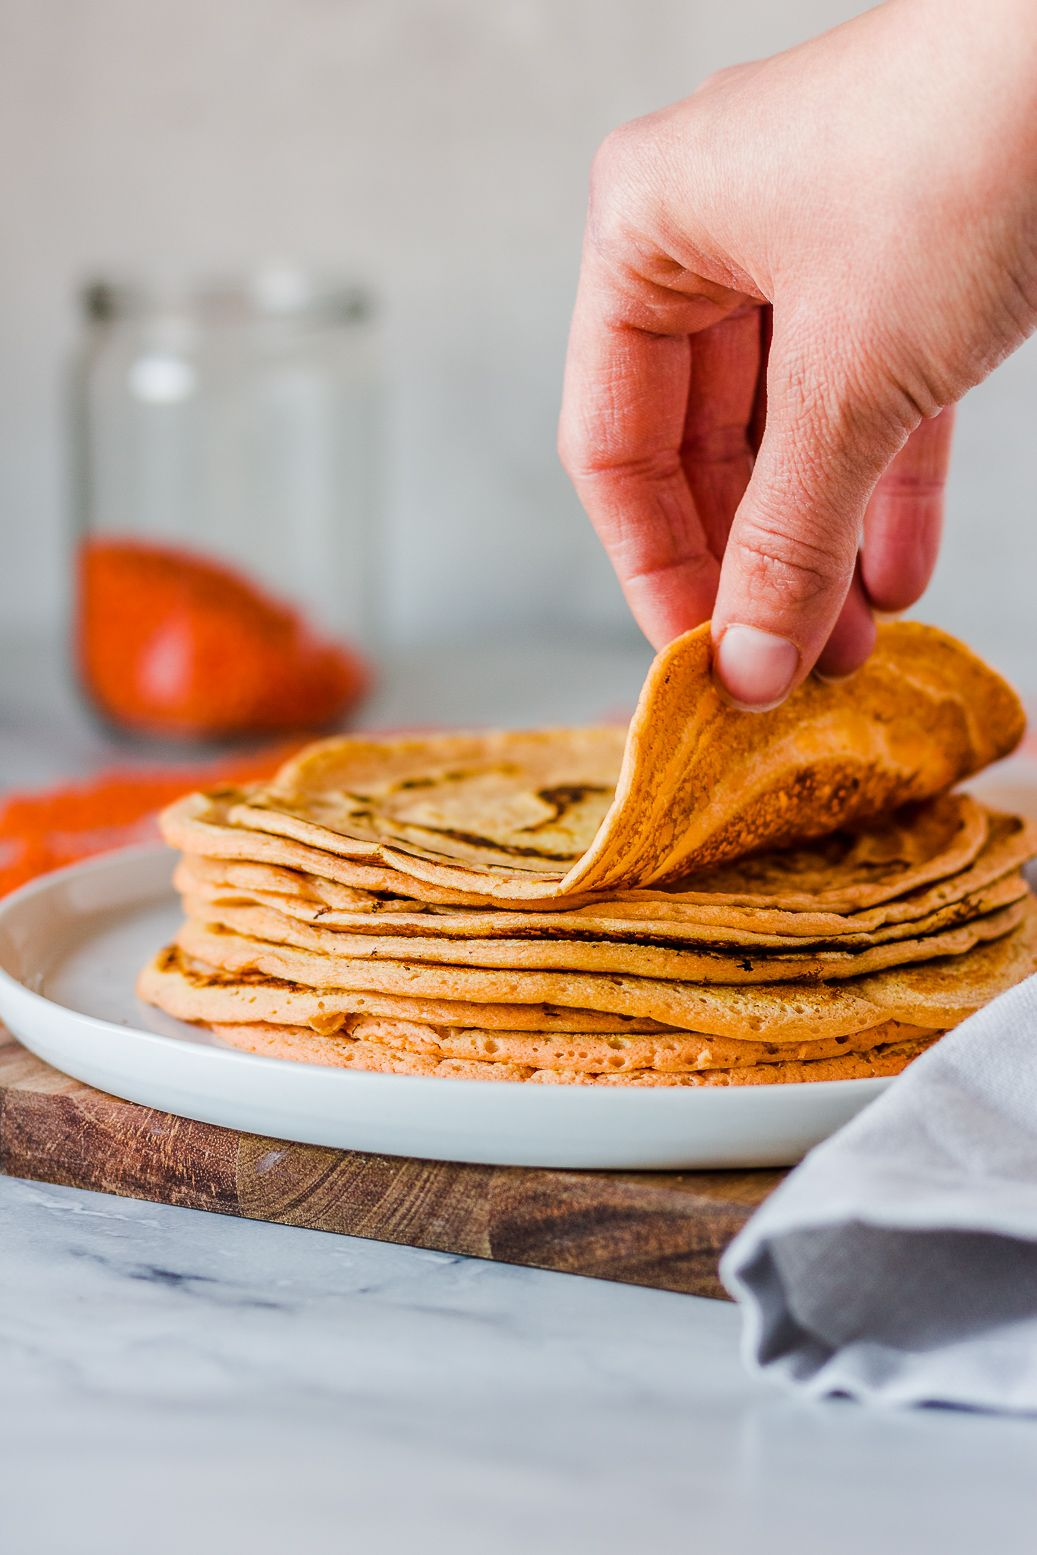 bac86c0ff656417442dc193a81793f14 - Rezepte Tortilla